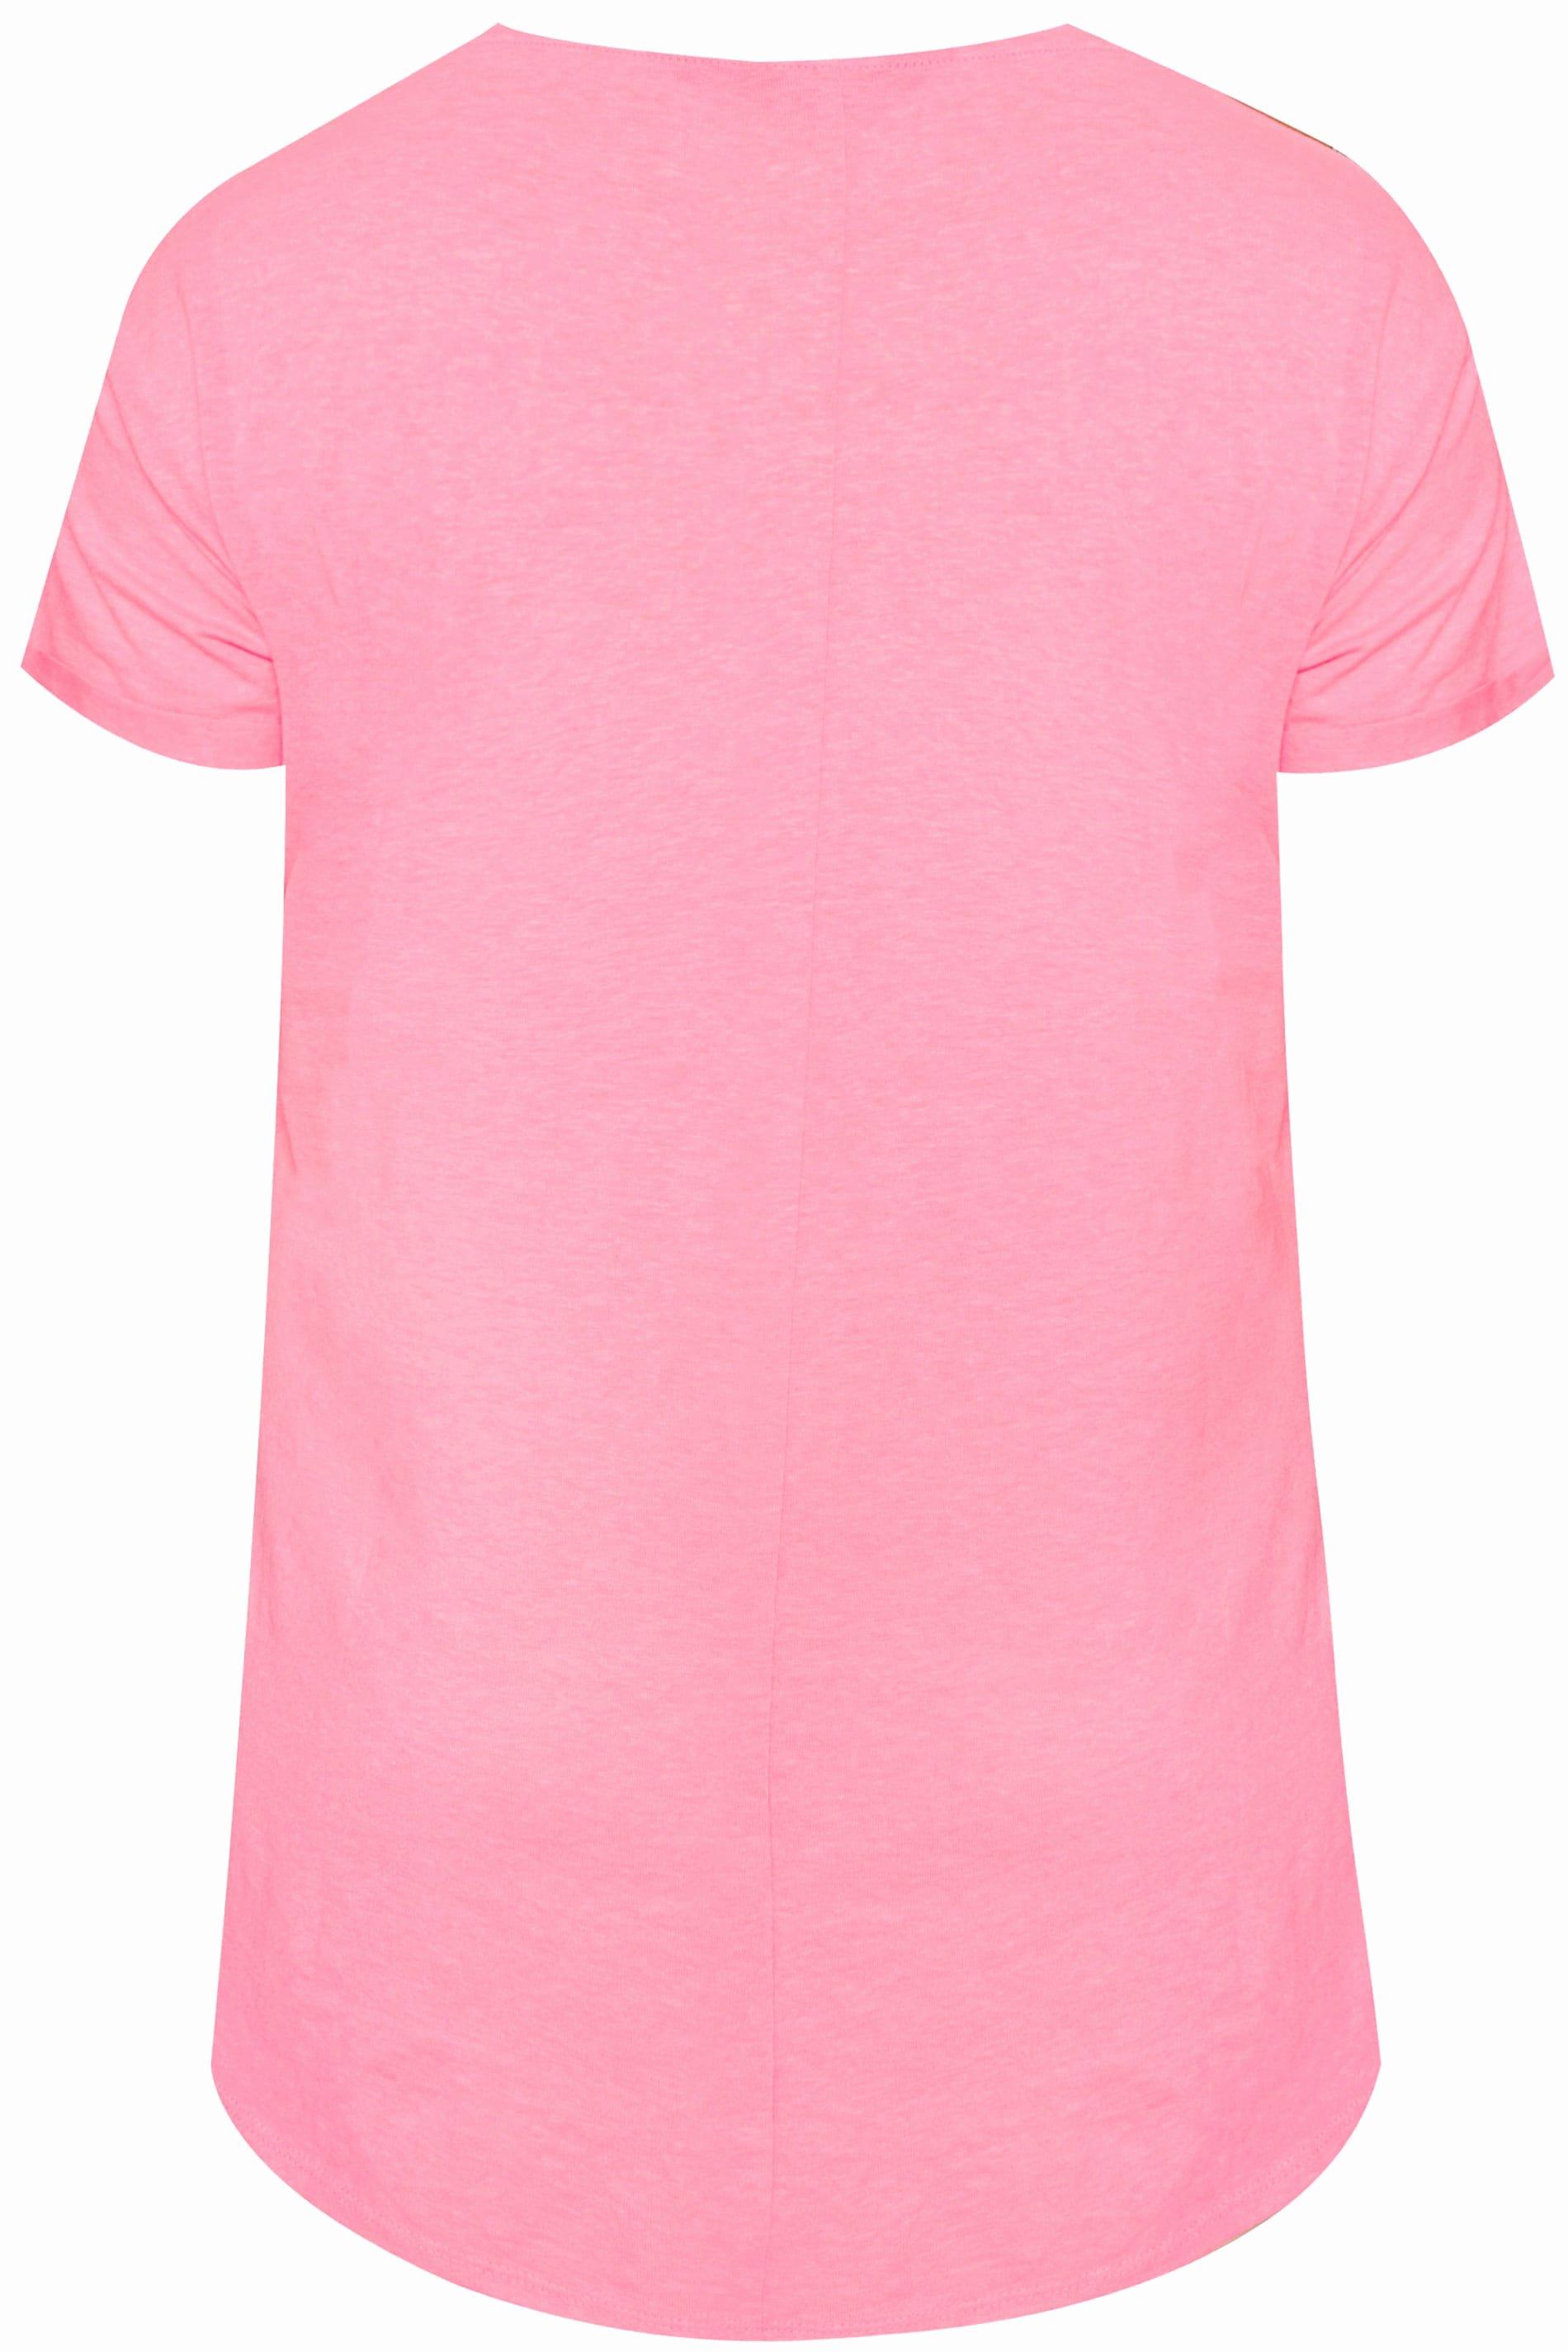 Like Us On Facebook Template Elegant T Shirt Pink Große Größen 44 64